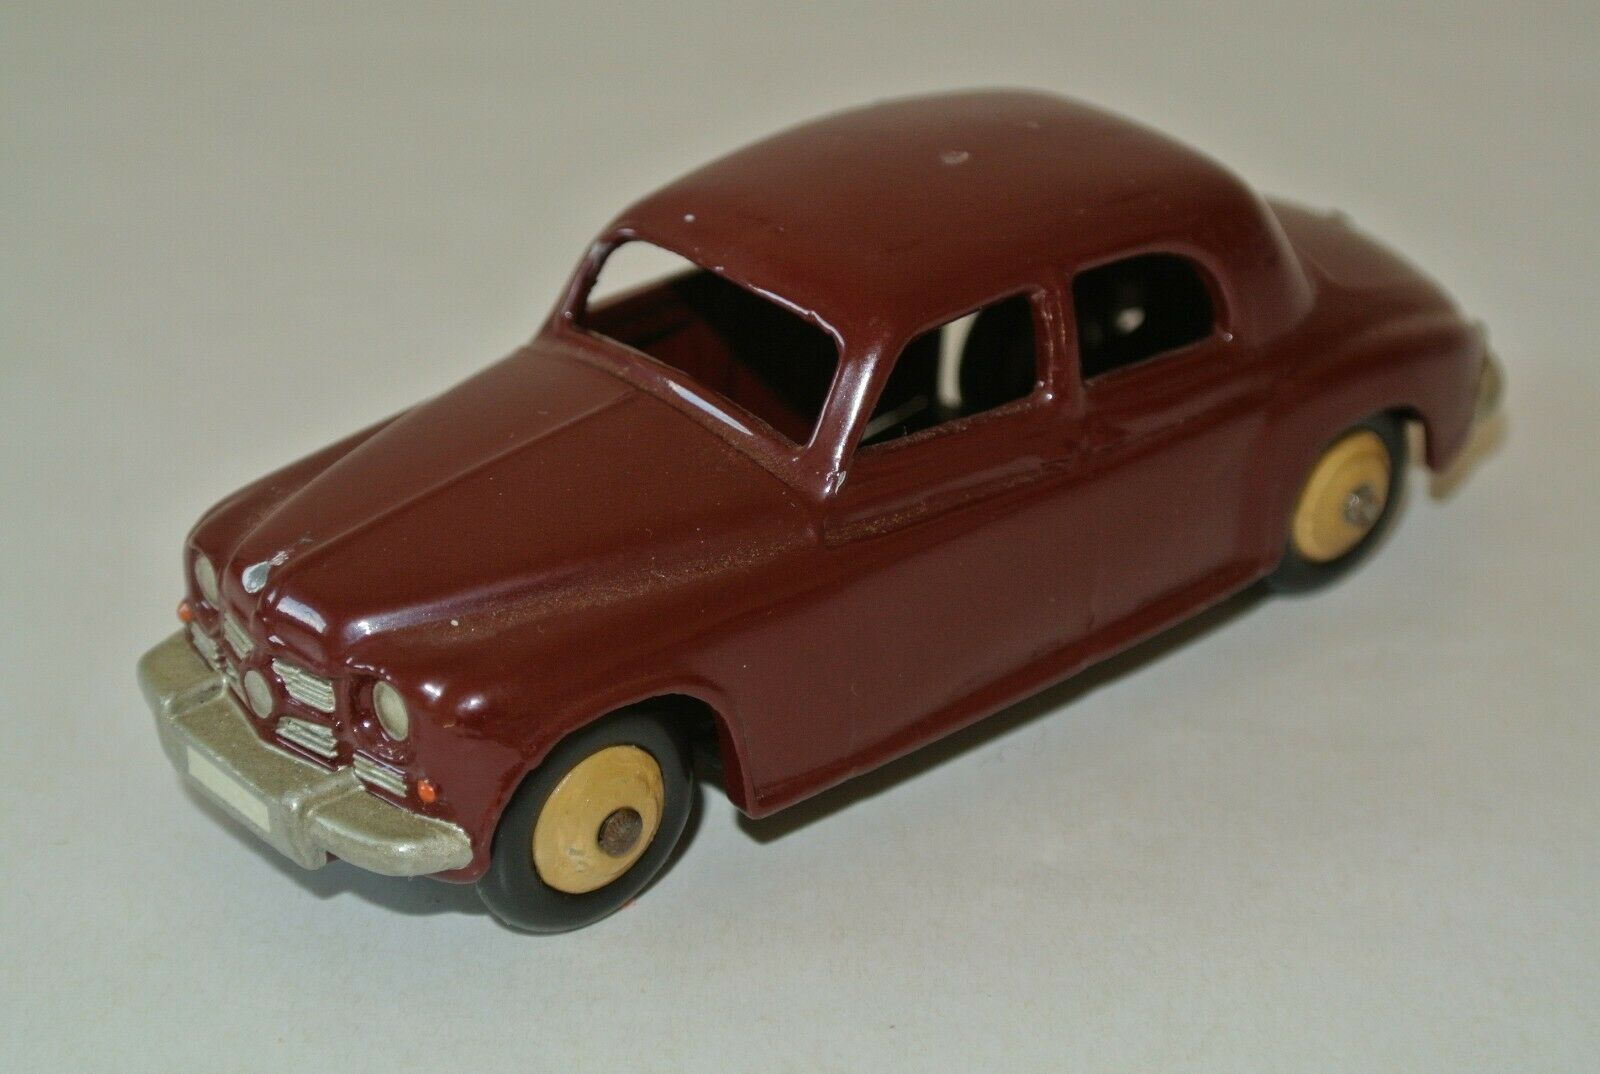 DINKY giocattoli 156 ROVER 75, p4, rosso scuro, 1 43, stessa, senza imbtuttiaggio originale